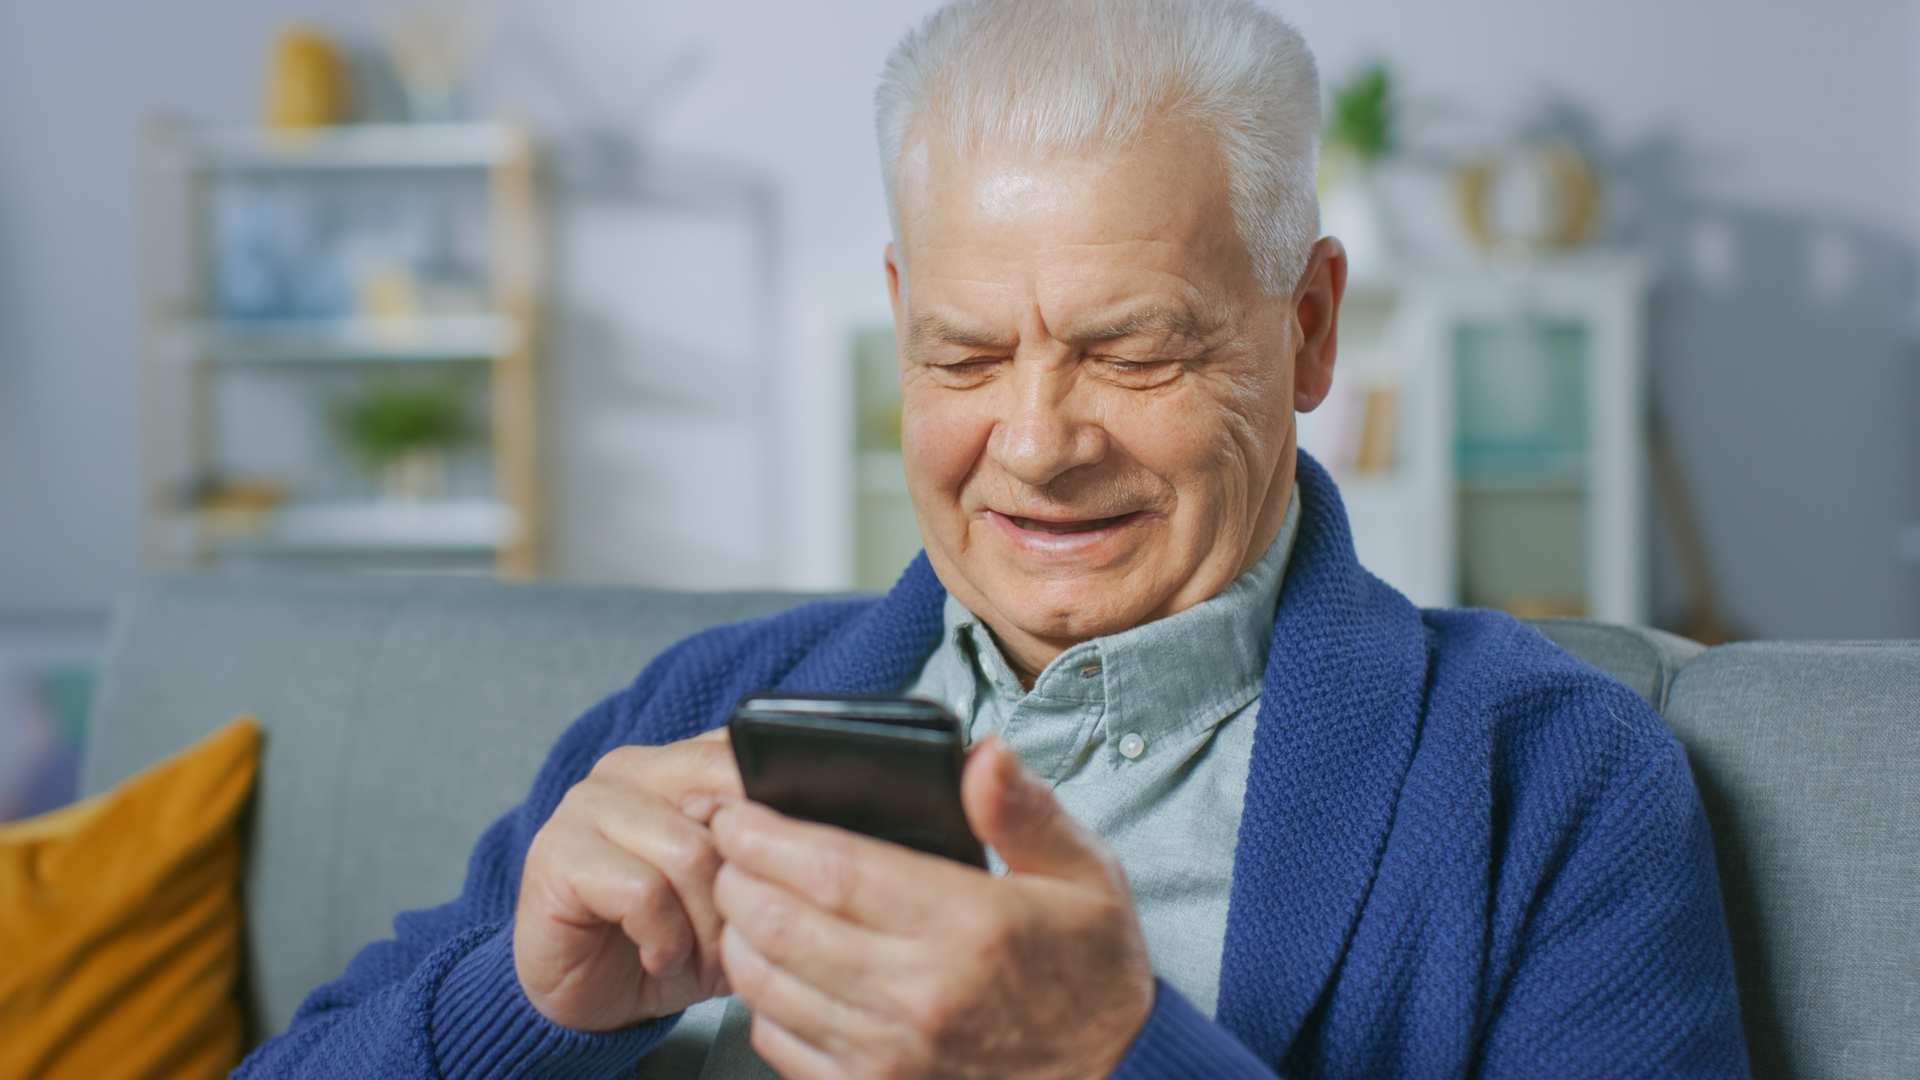 Senhor de casaco azul sentado em sofa usando celular para idoso